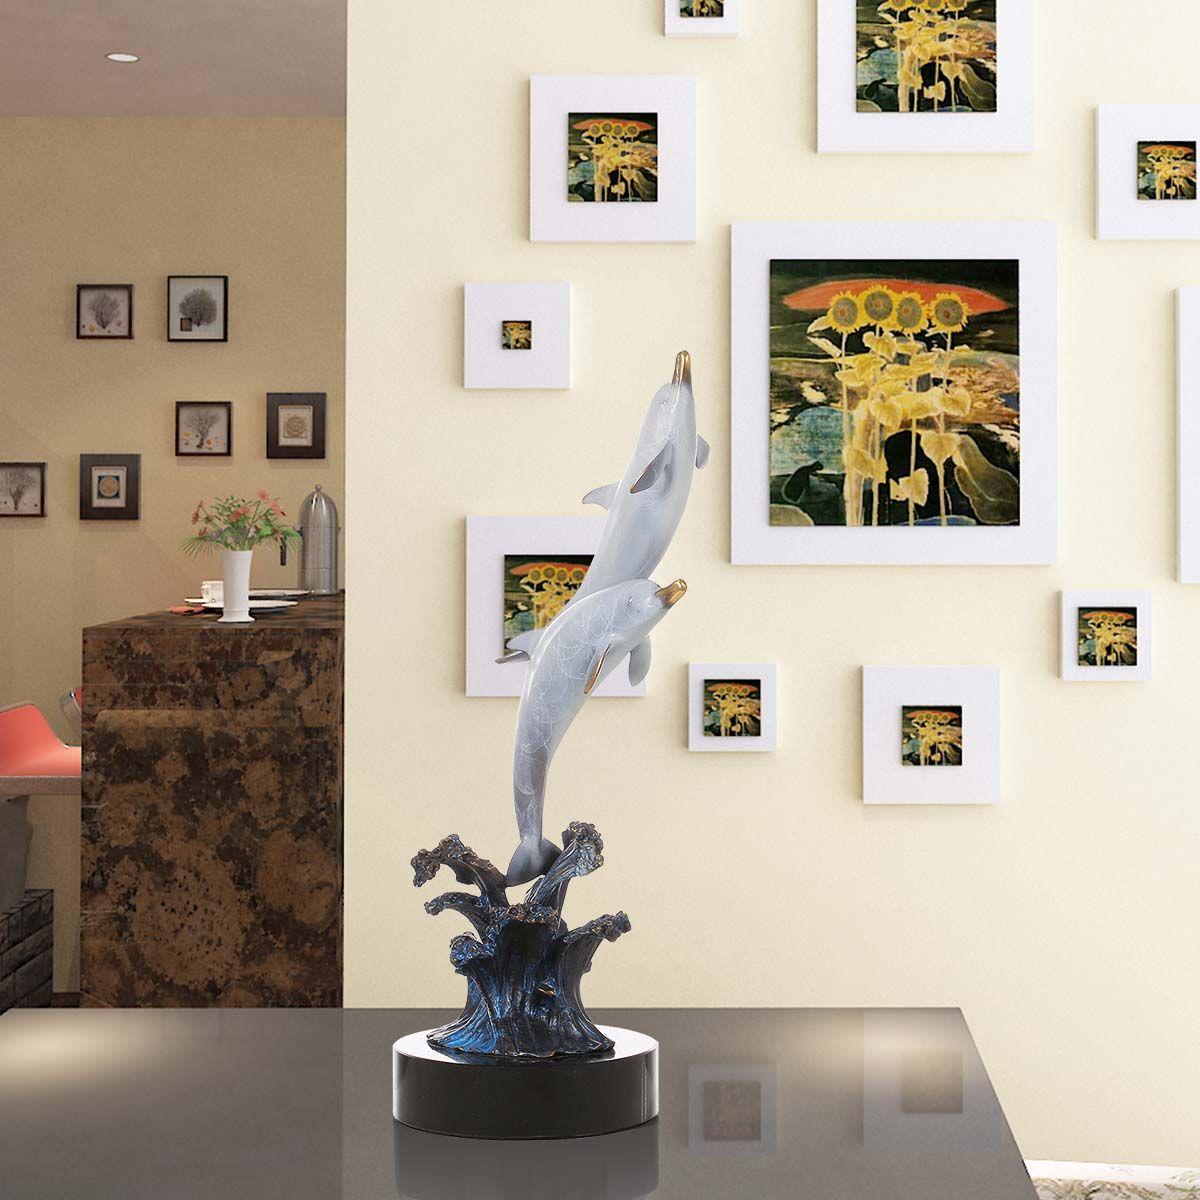 Нежный домашний декор Скульптура морской существо дельфин из воды Ручной Бронзовый Скульптура современный Книги по искусству Статуя Фигур